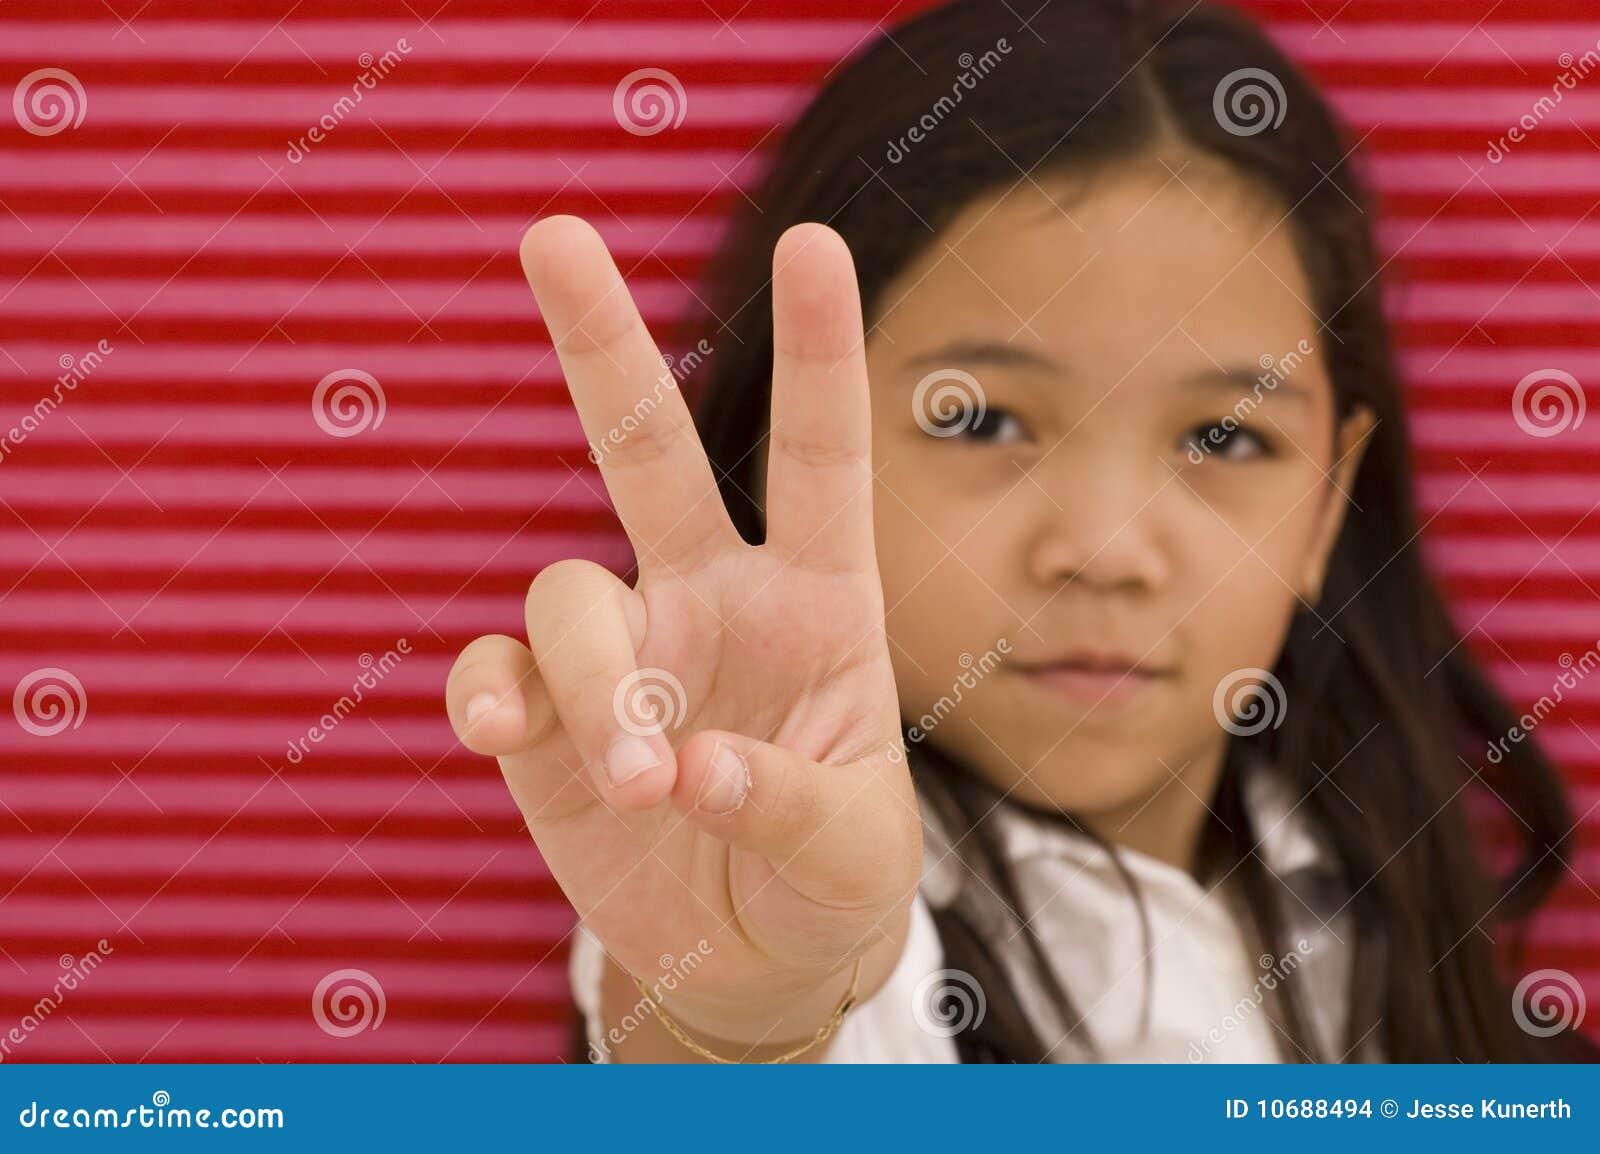 Peace Asian 108